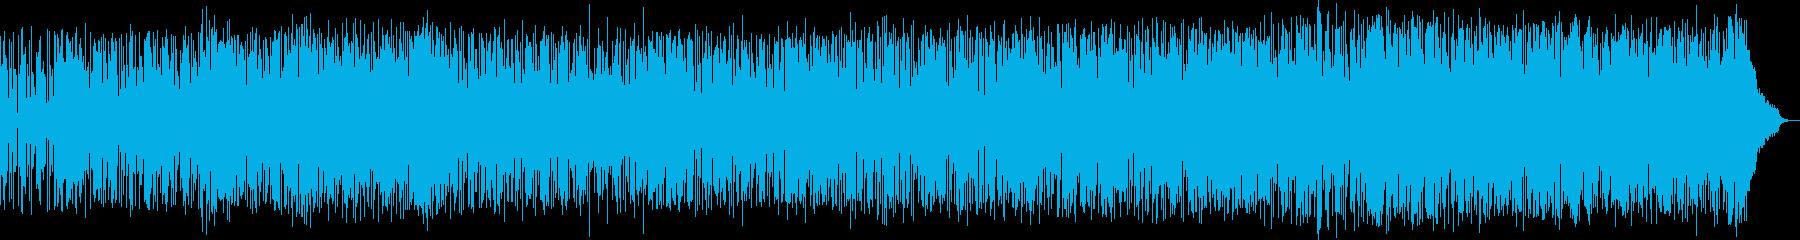 爽やかに幸せを表現するファンク・ロックの再生済みの波形